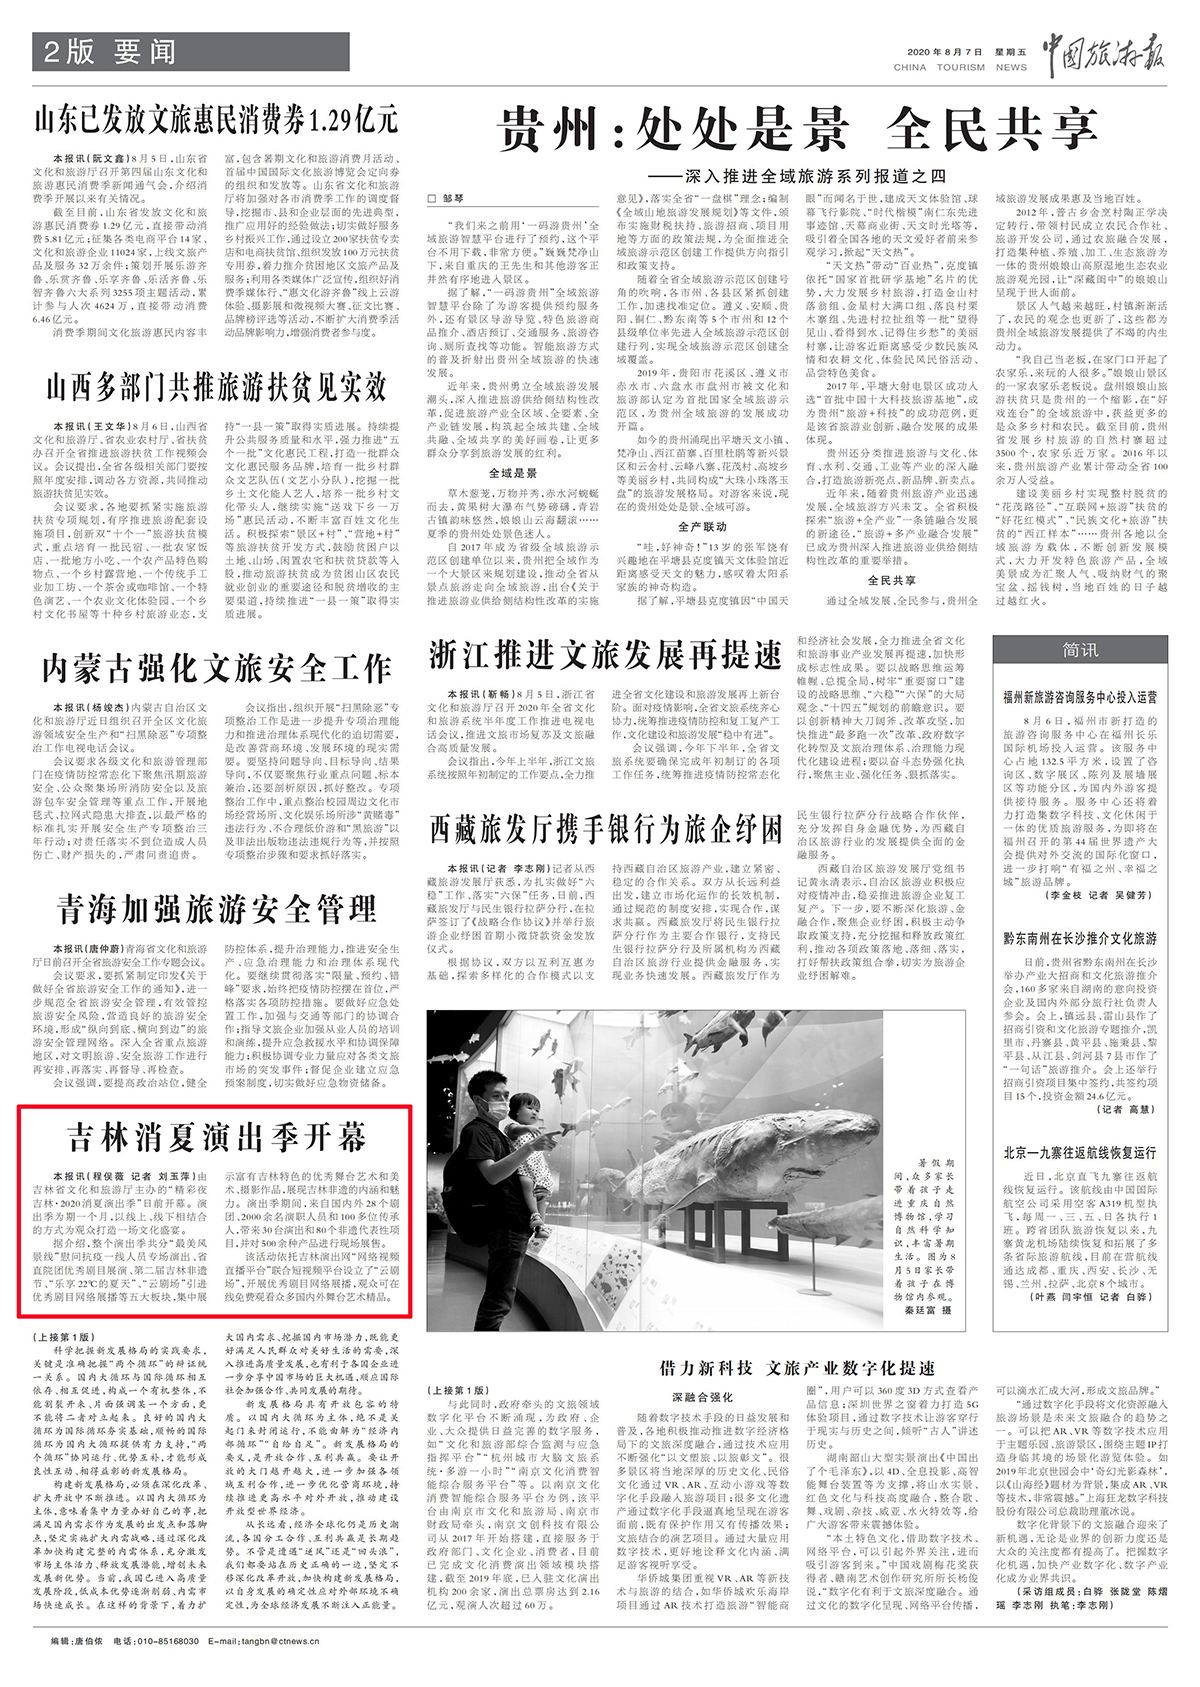 中国旅游报 2020年8月7日 吉林消夏演出季开幕